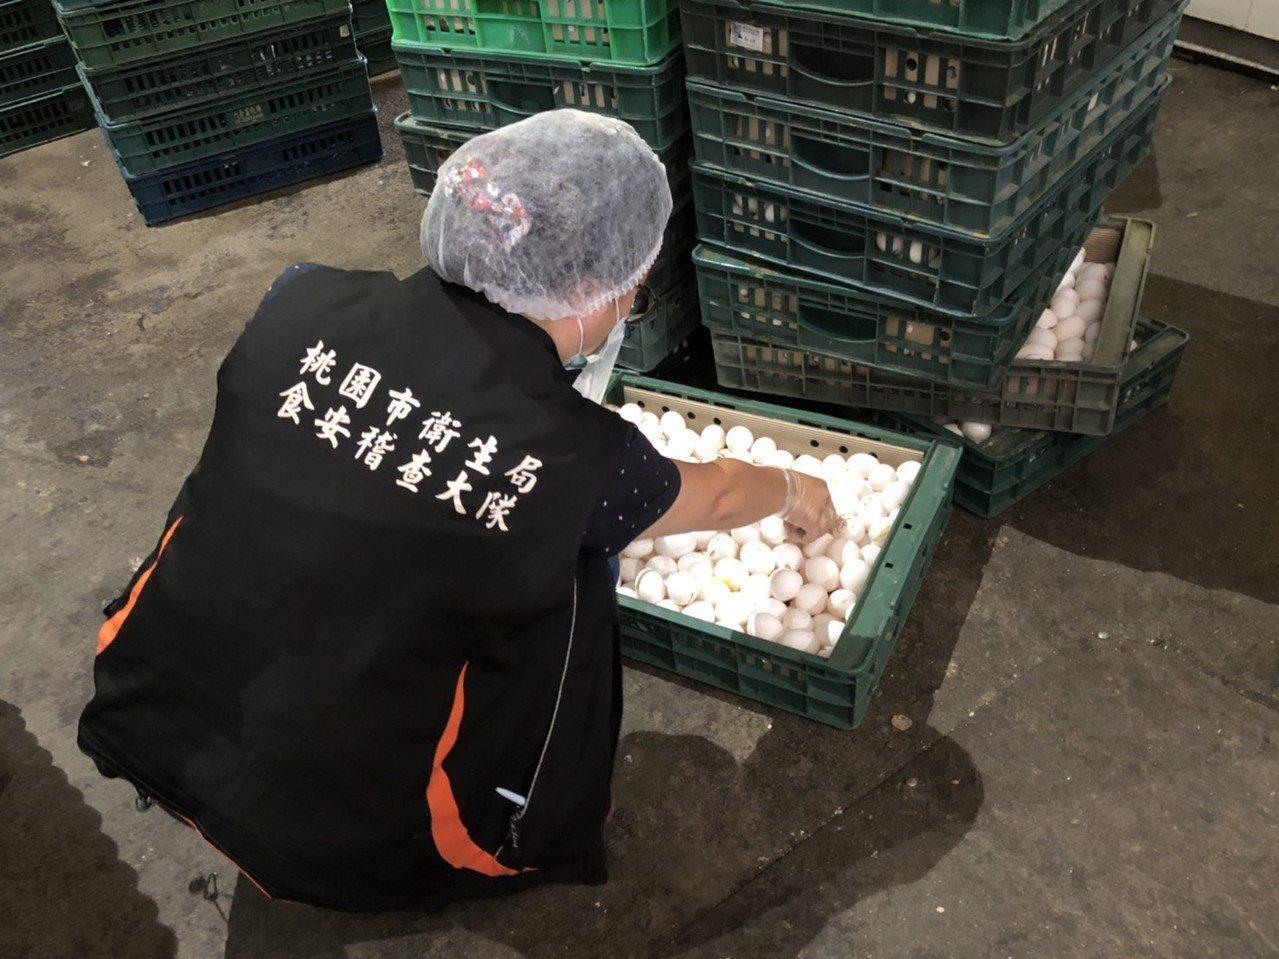 元山蛋品用噁蛋製作黑心蛋液,產品遭查獲封存。 圖/食藥署提供